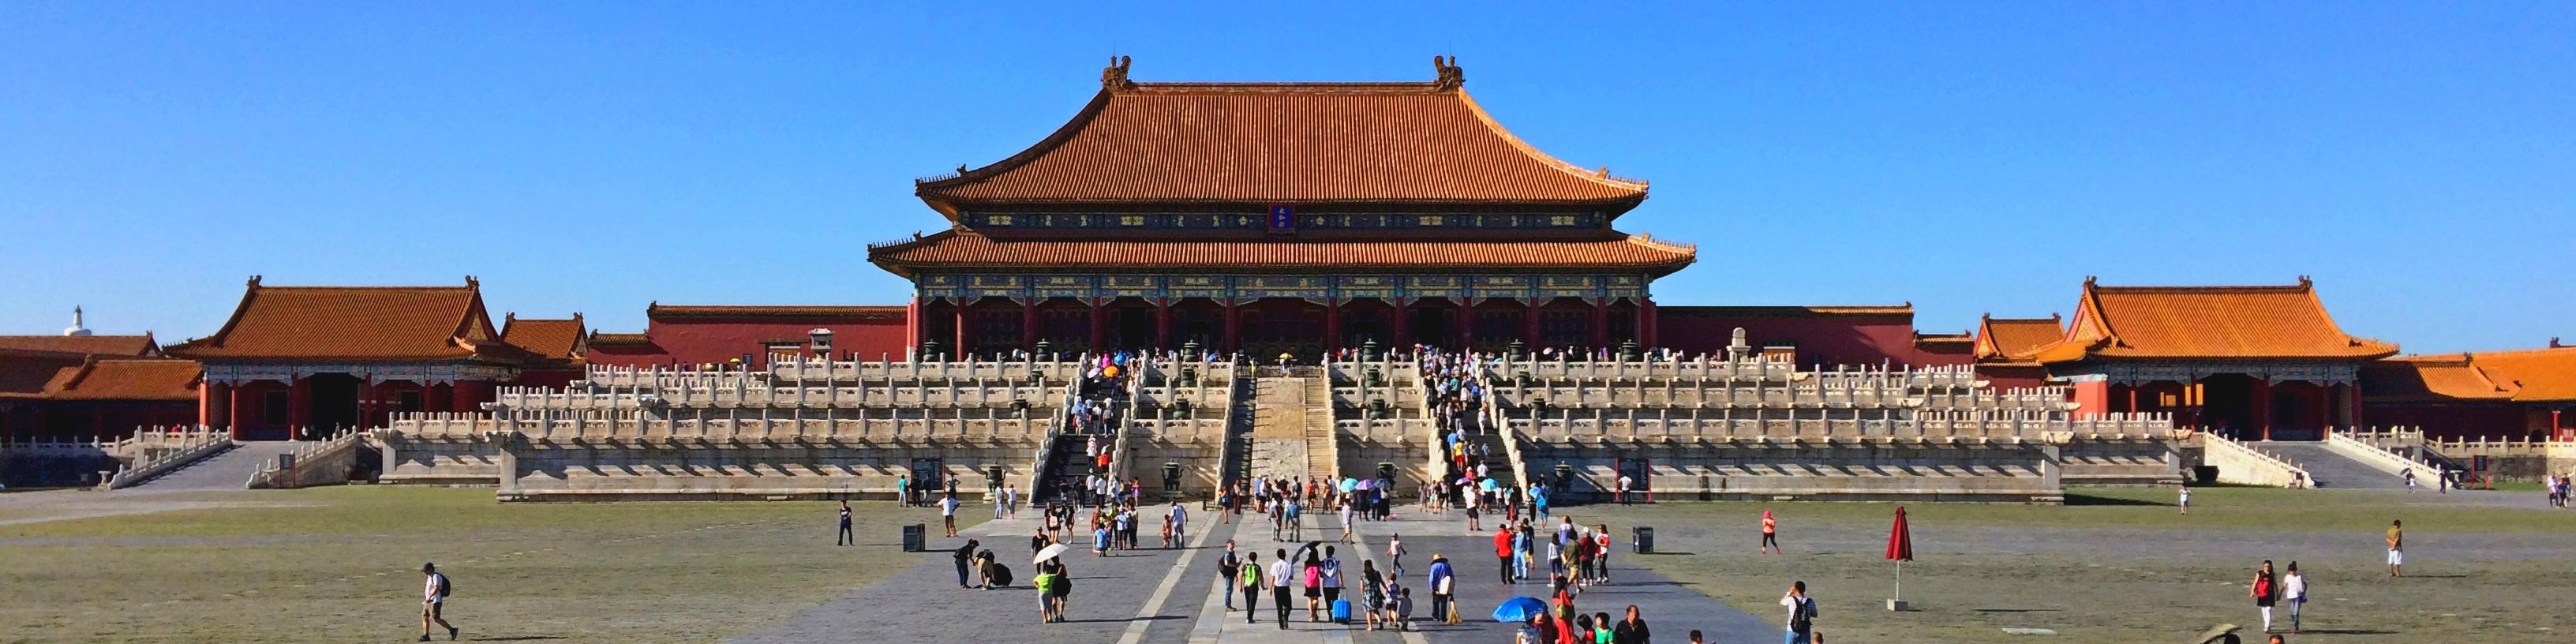 Szerokie tory - Wizy do Chin